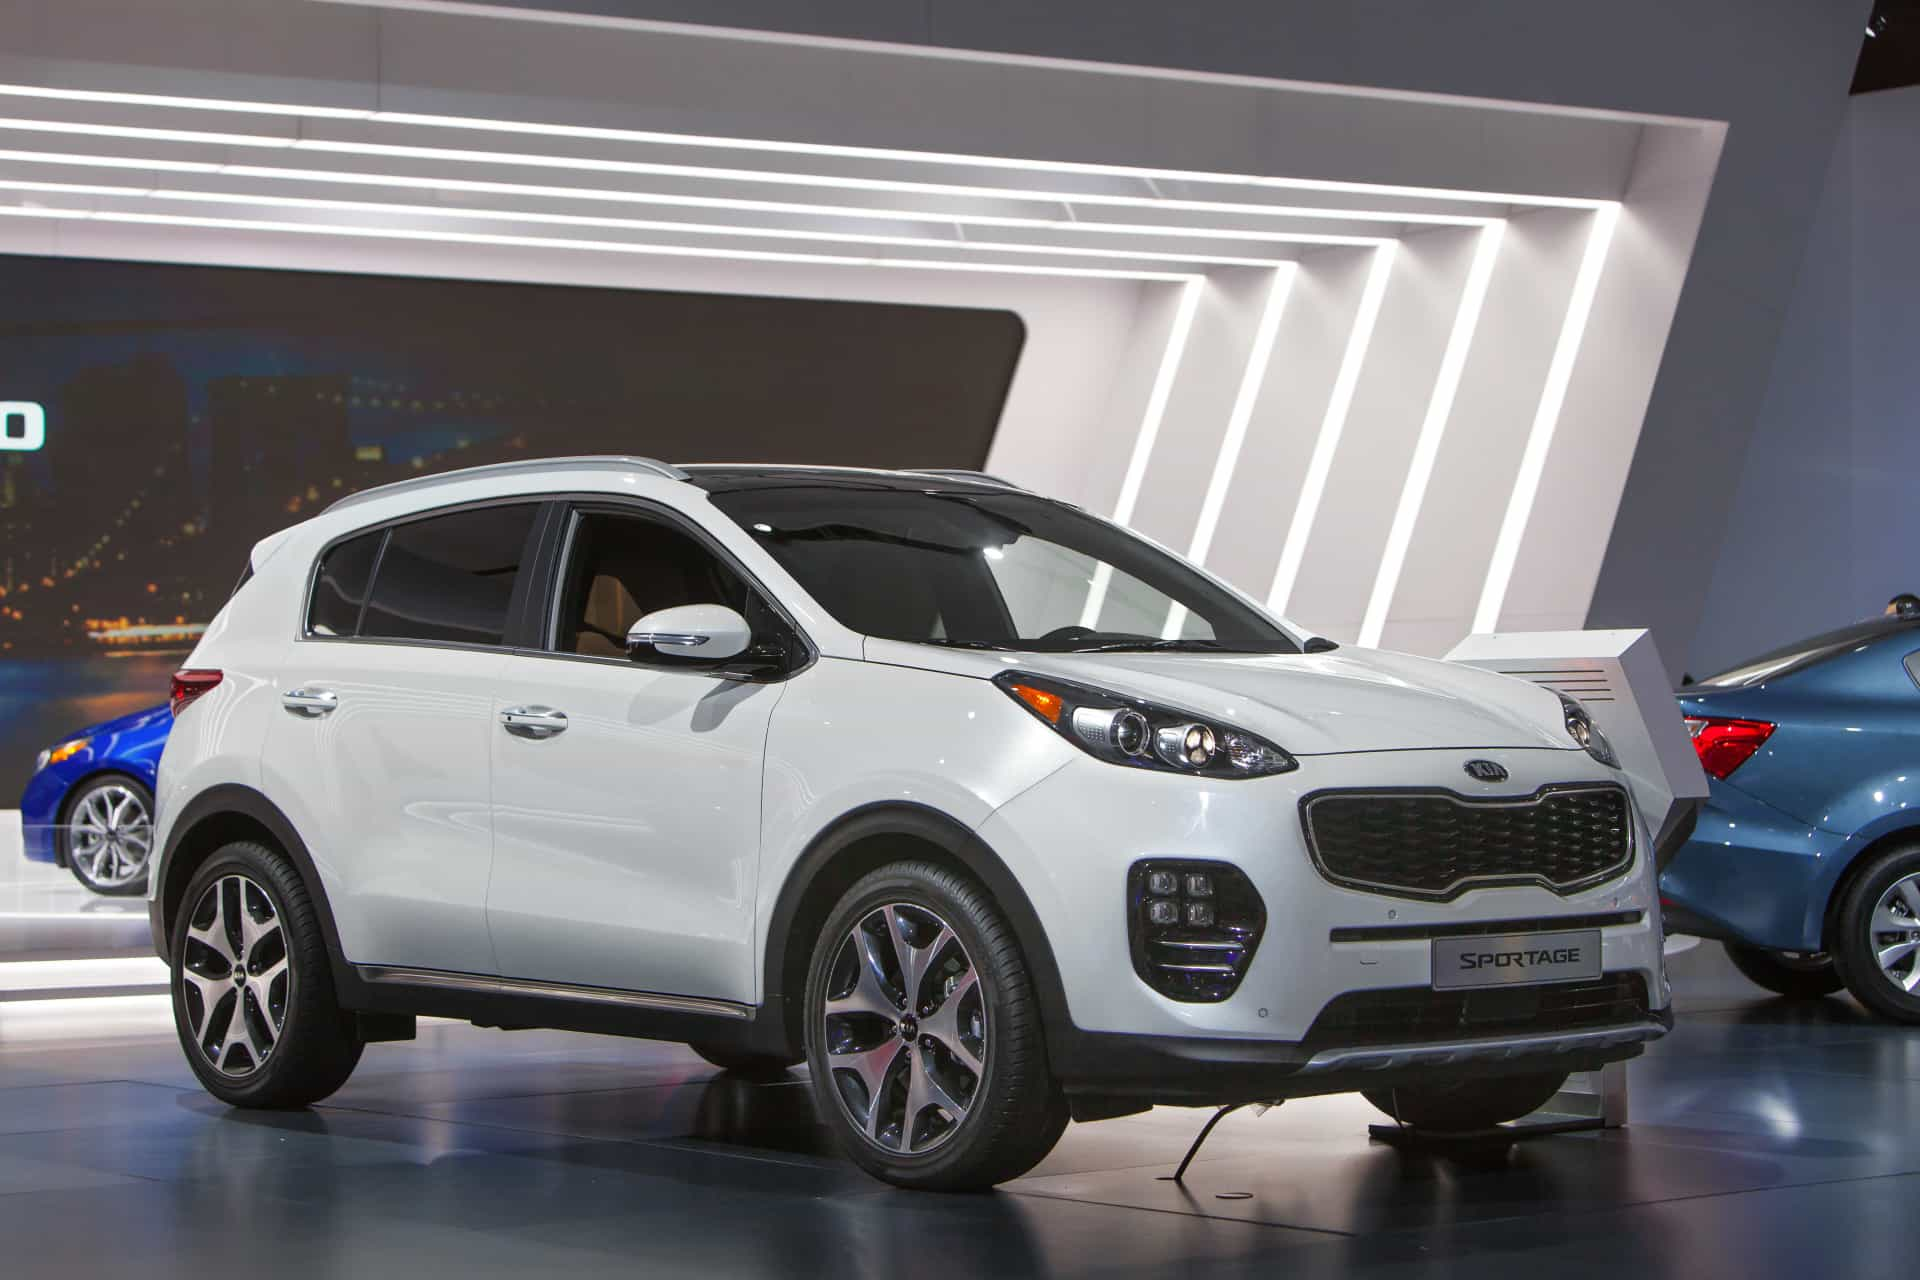 Quais são as marcas que mais vendem do setor automóvel?